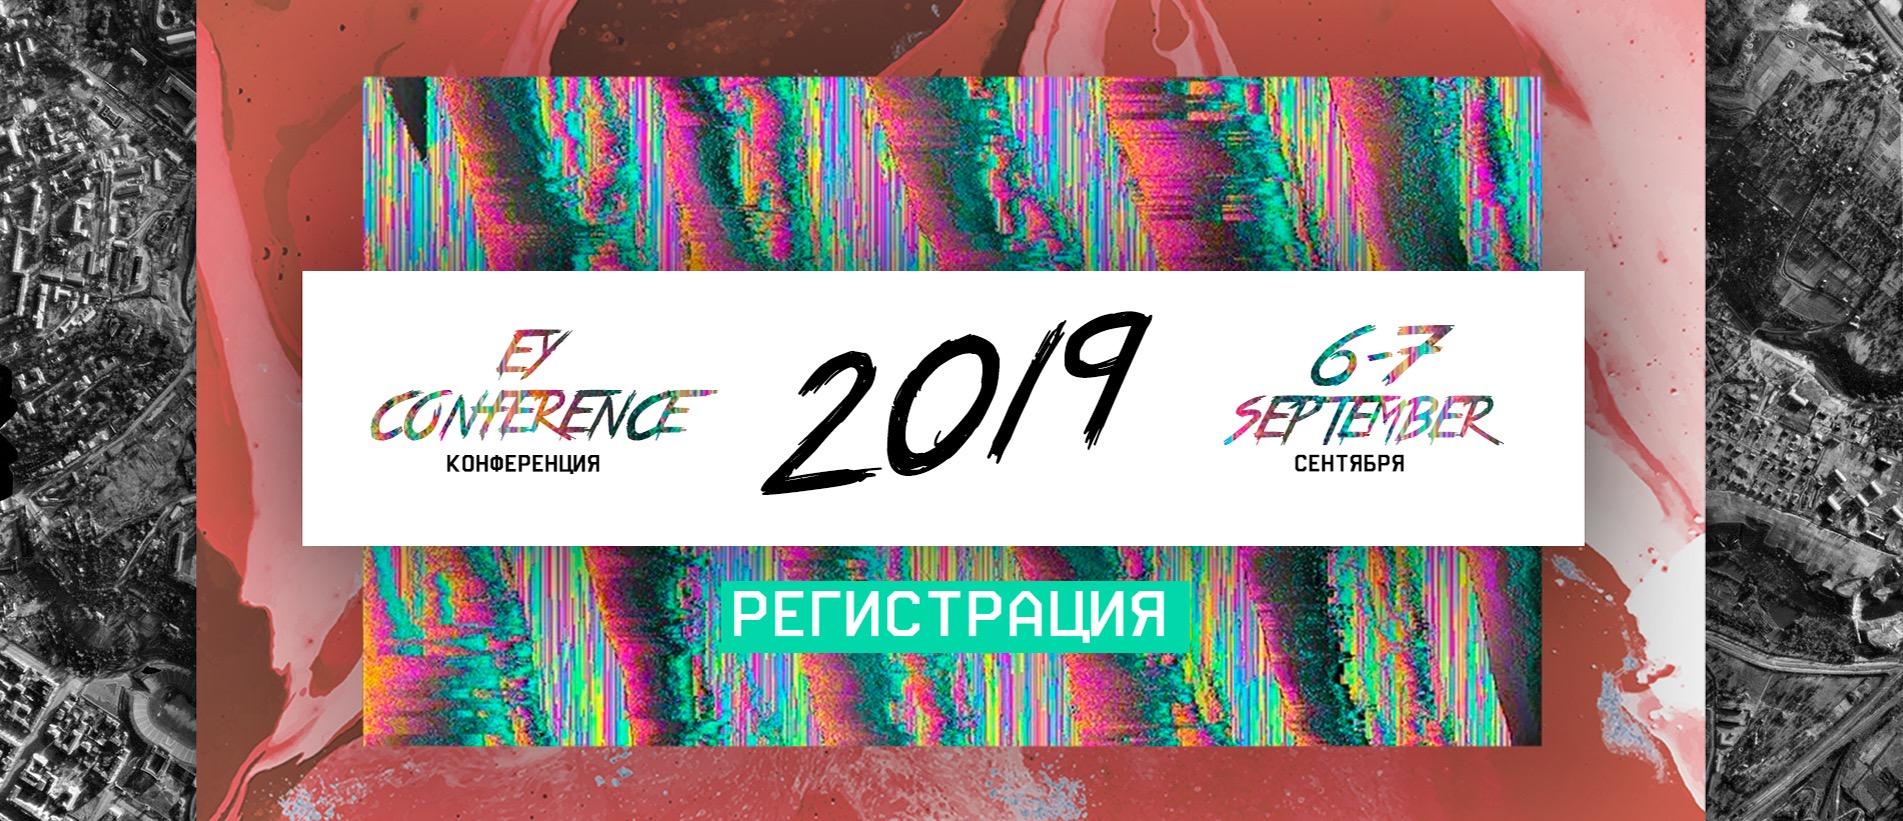 EYC 2019 — конференция для молодых людей